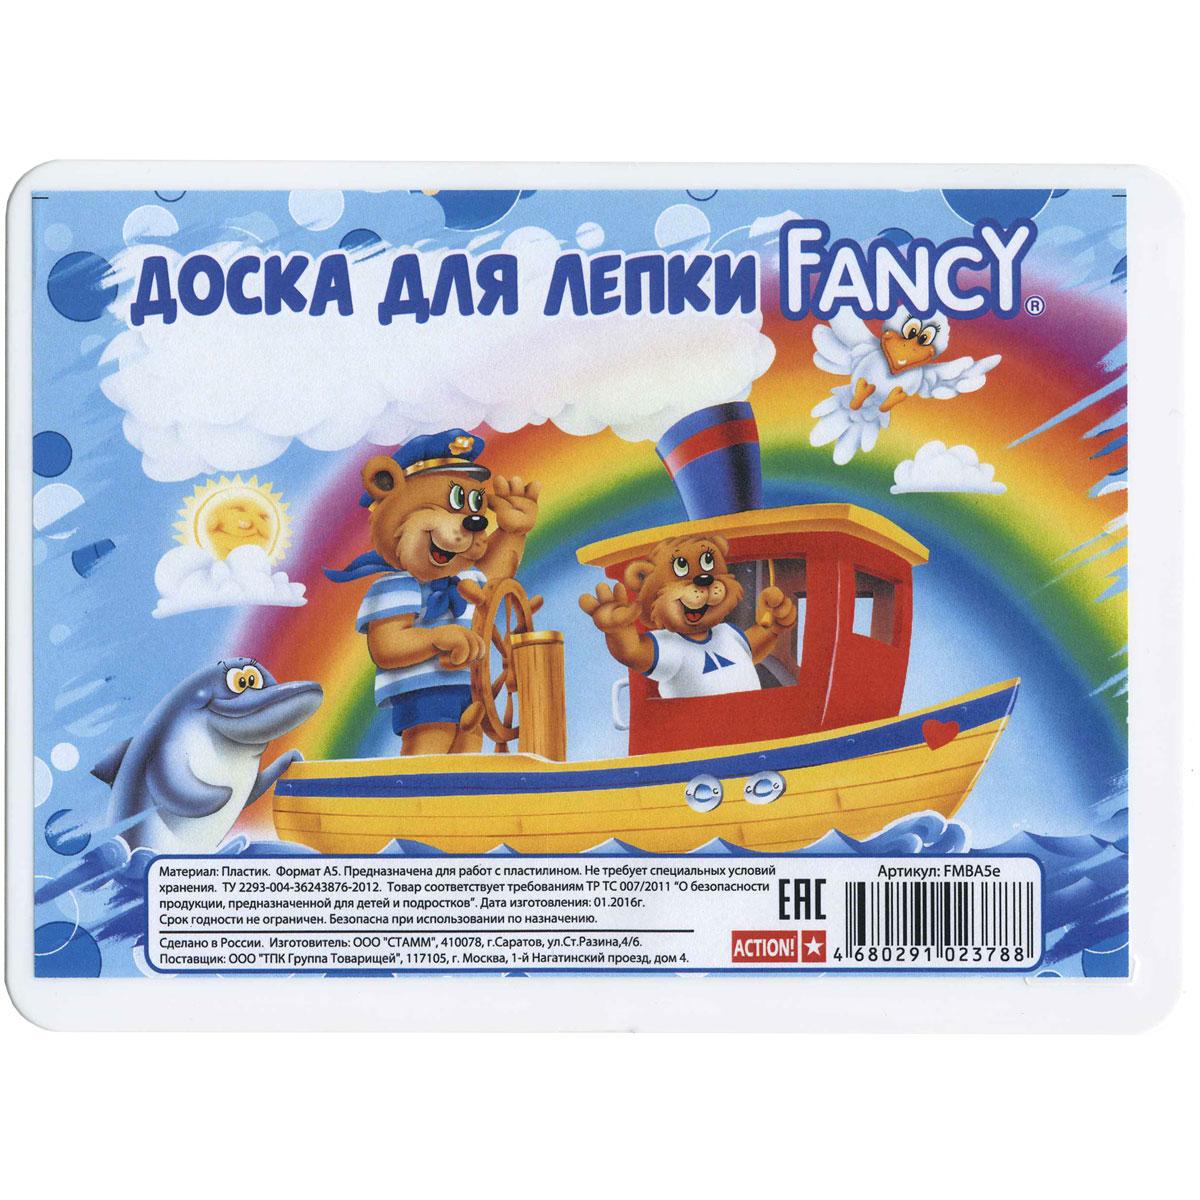 Action! Доска для лепки Fancy А500-00009151Доска для лепки Action Fancy А5 – это полезный предмет, необходимый для детского творчества. Он надежно убережет стол от намокания и пятен, оставленных пластилином, красками, фломастерами и прочими красящимися предметами.Уважаемые клиенты! Обращаем ваше внимание на то, что упаковка может иметь несколько видов дизайна. Поставка осуществляется в зависимости от наличия на складе.